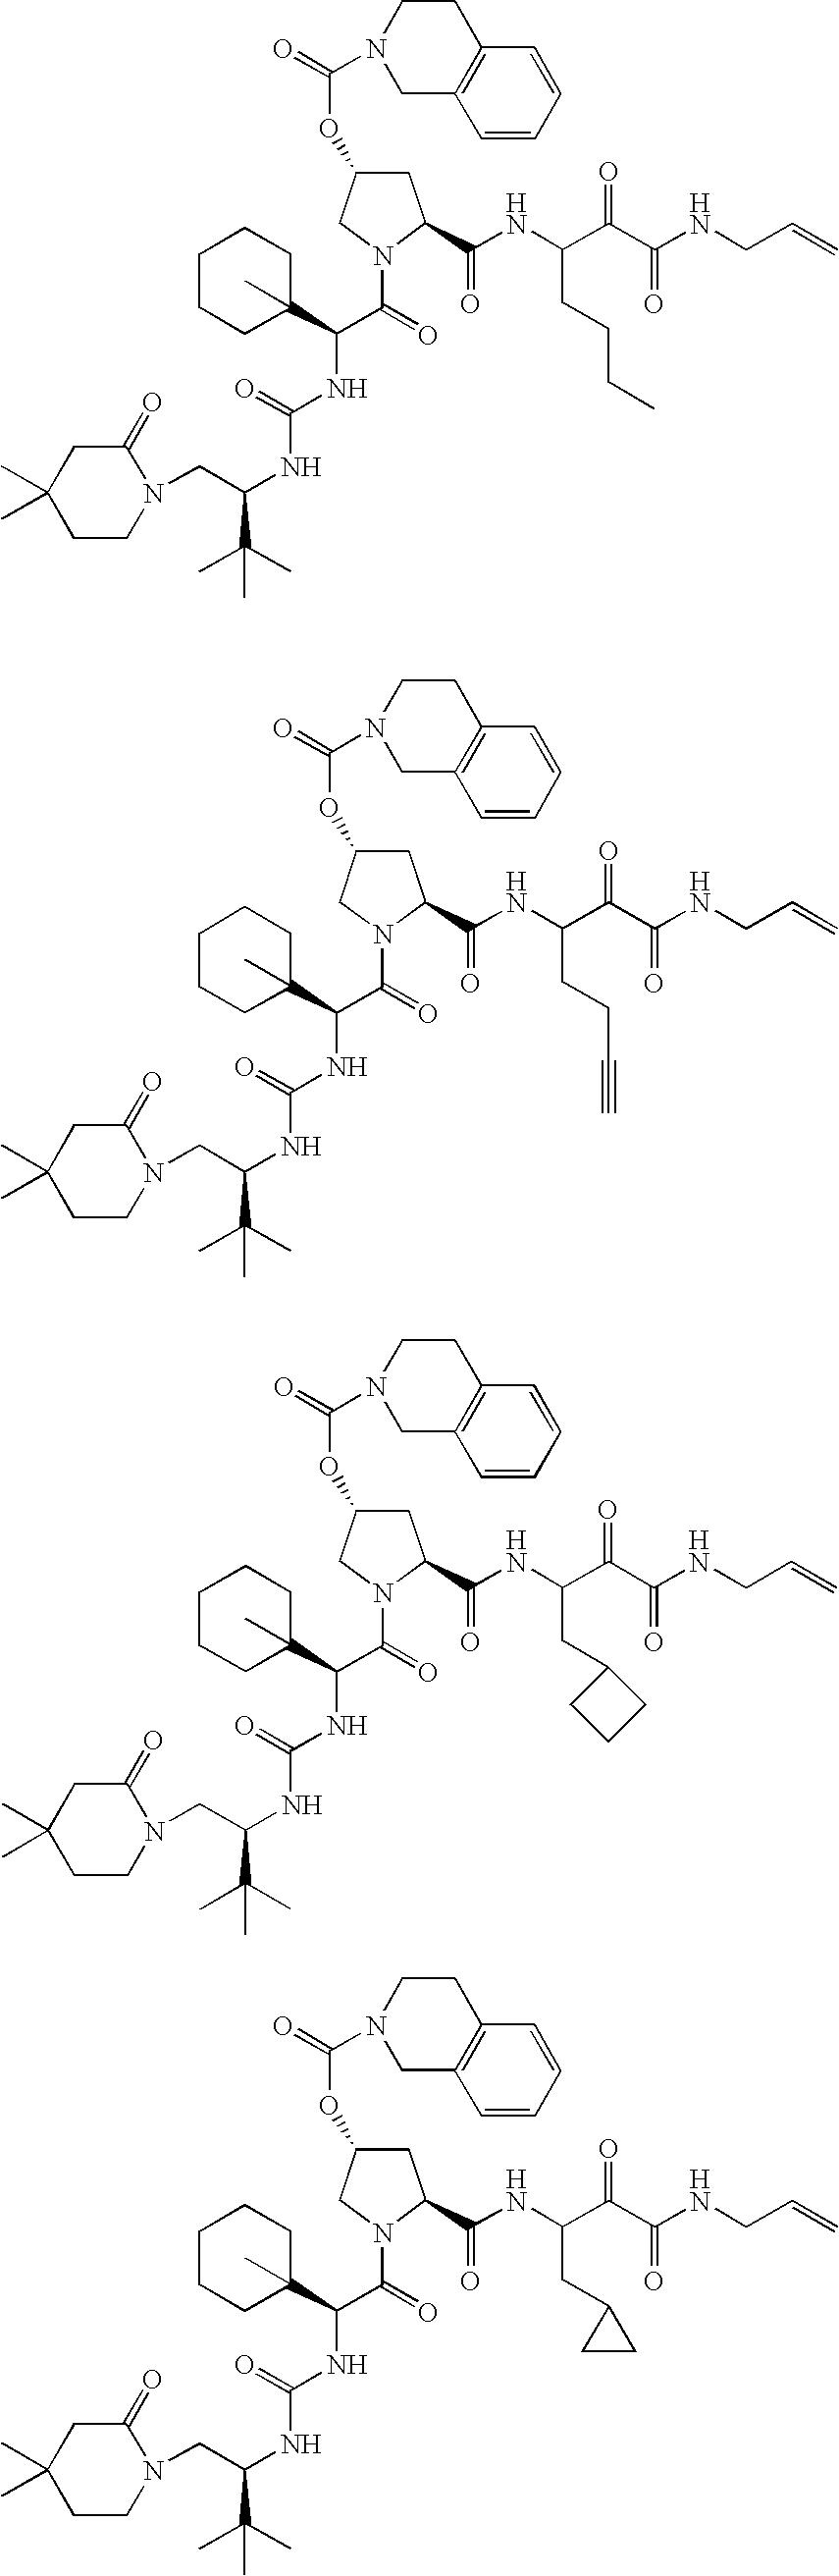 Figure US20060287248A1-20061221-C00566